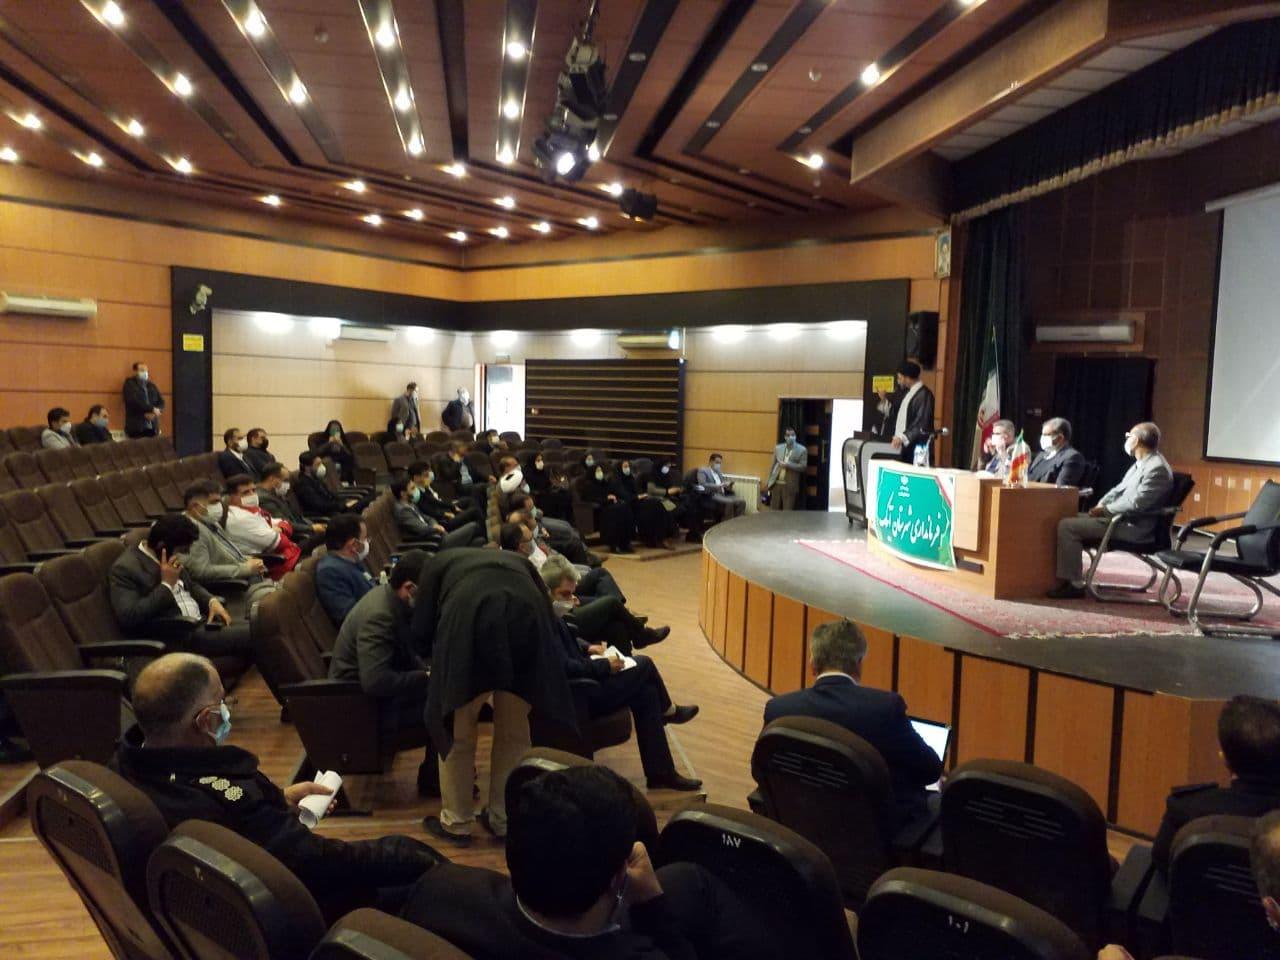 ۳ ماه پلمب در انتظار کاسبان متخلف قزوین